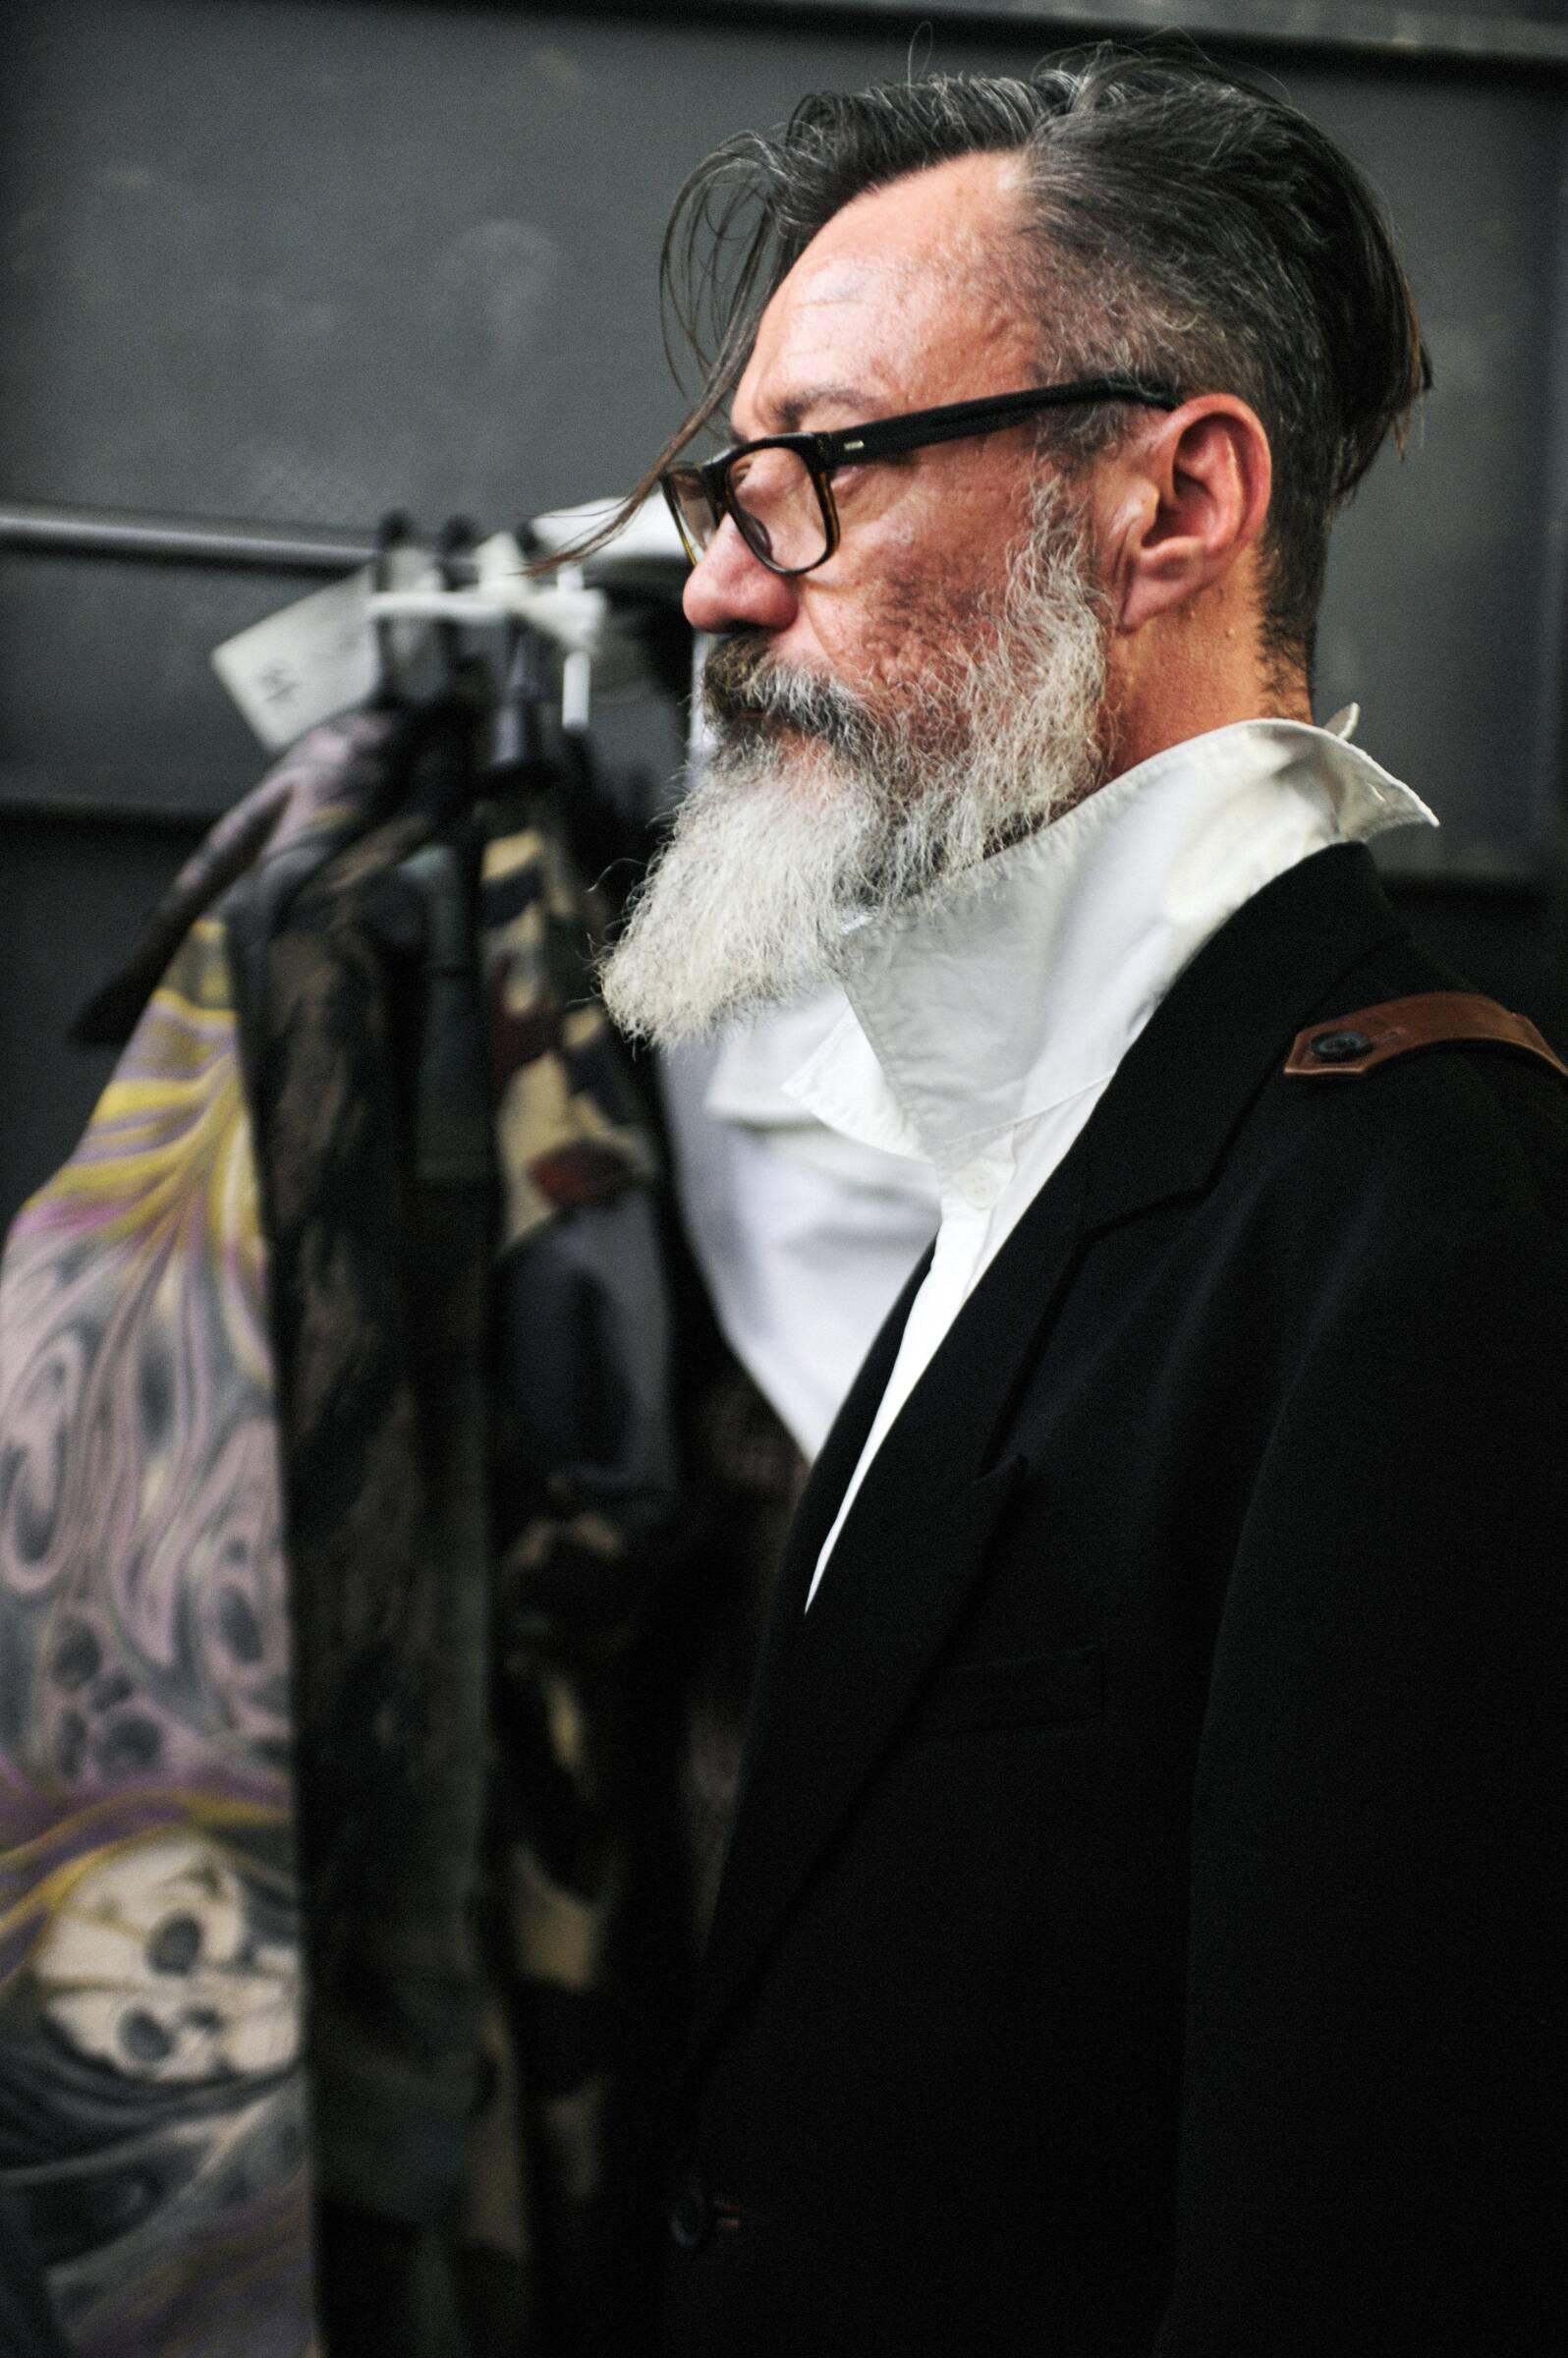 Man Model Yohji Yamamoto Backstage